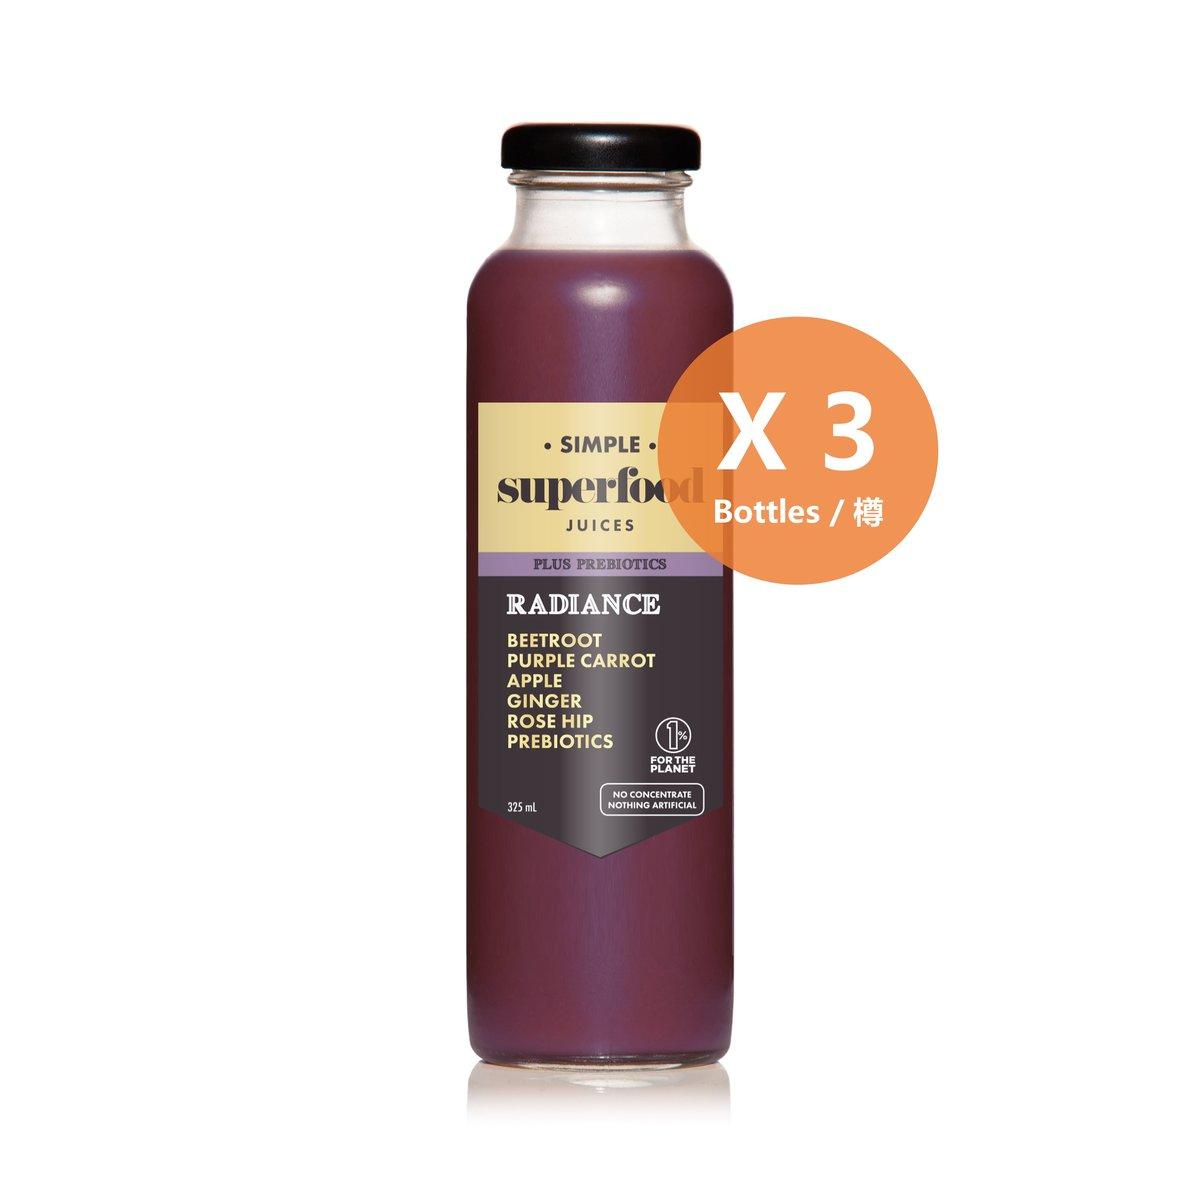 明目養顏益生元果汁 - 325毫升 x 3樽裝